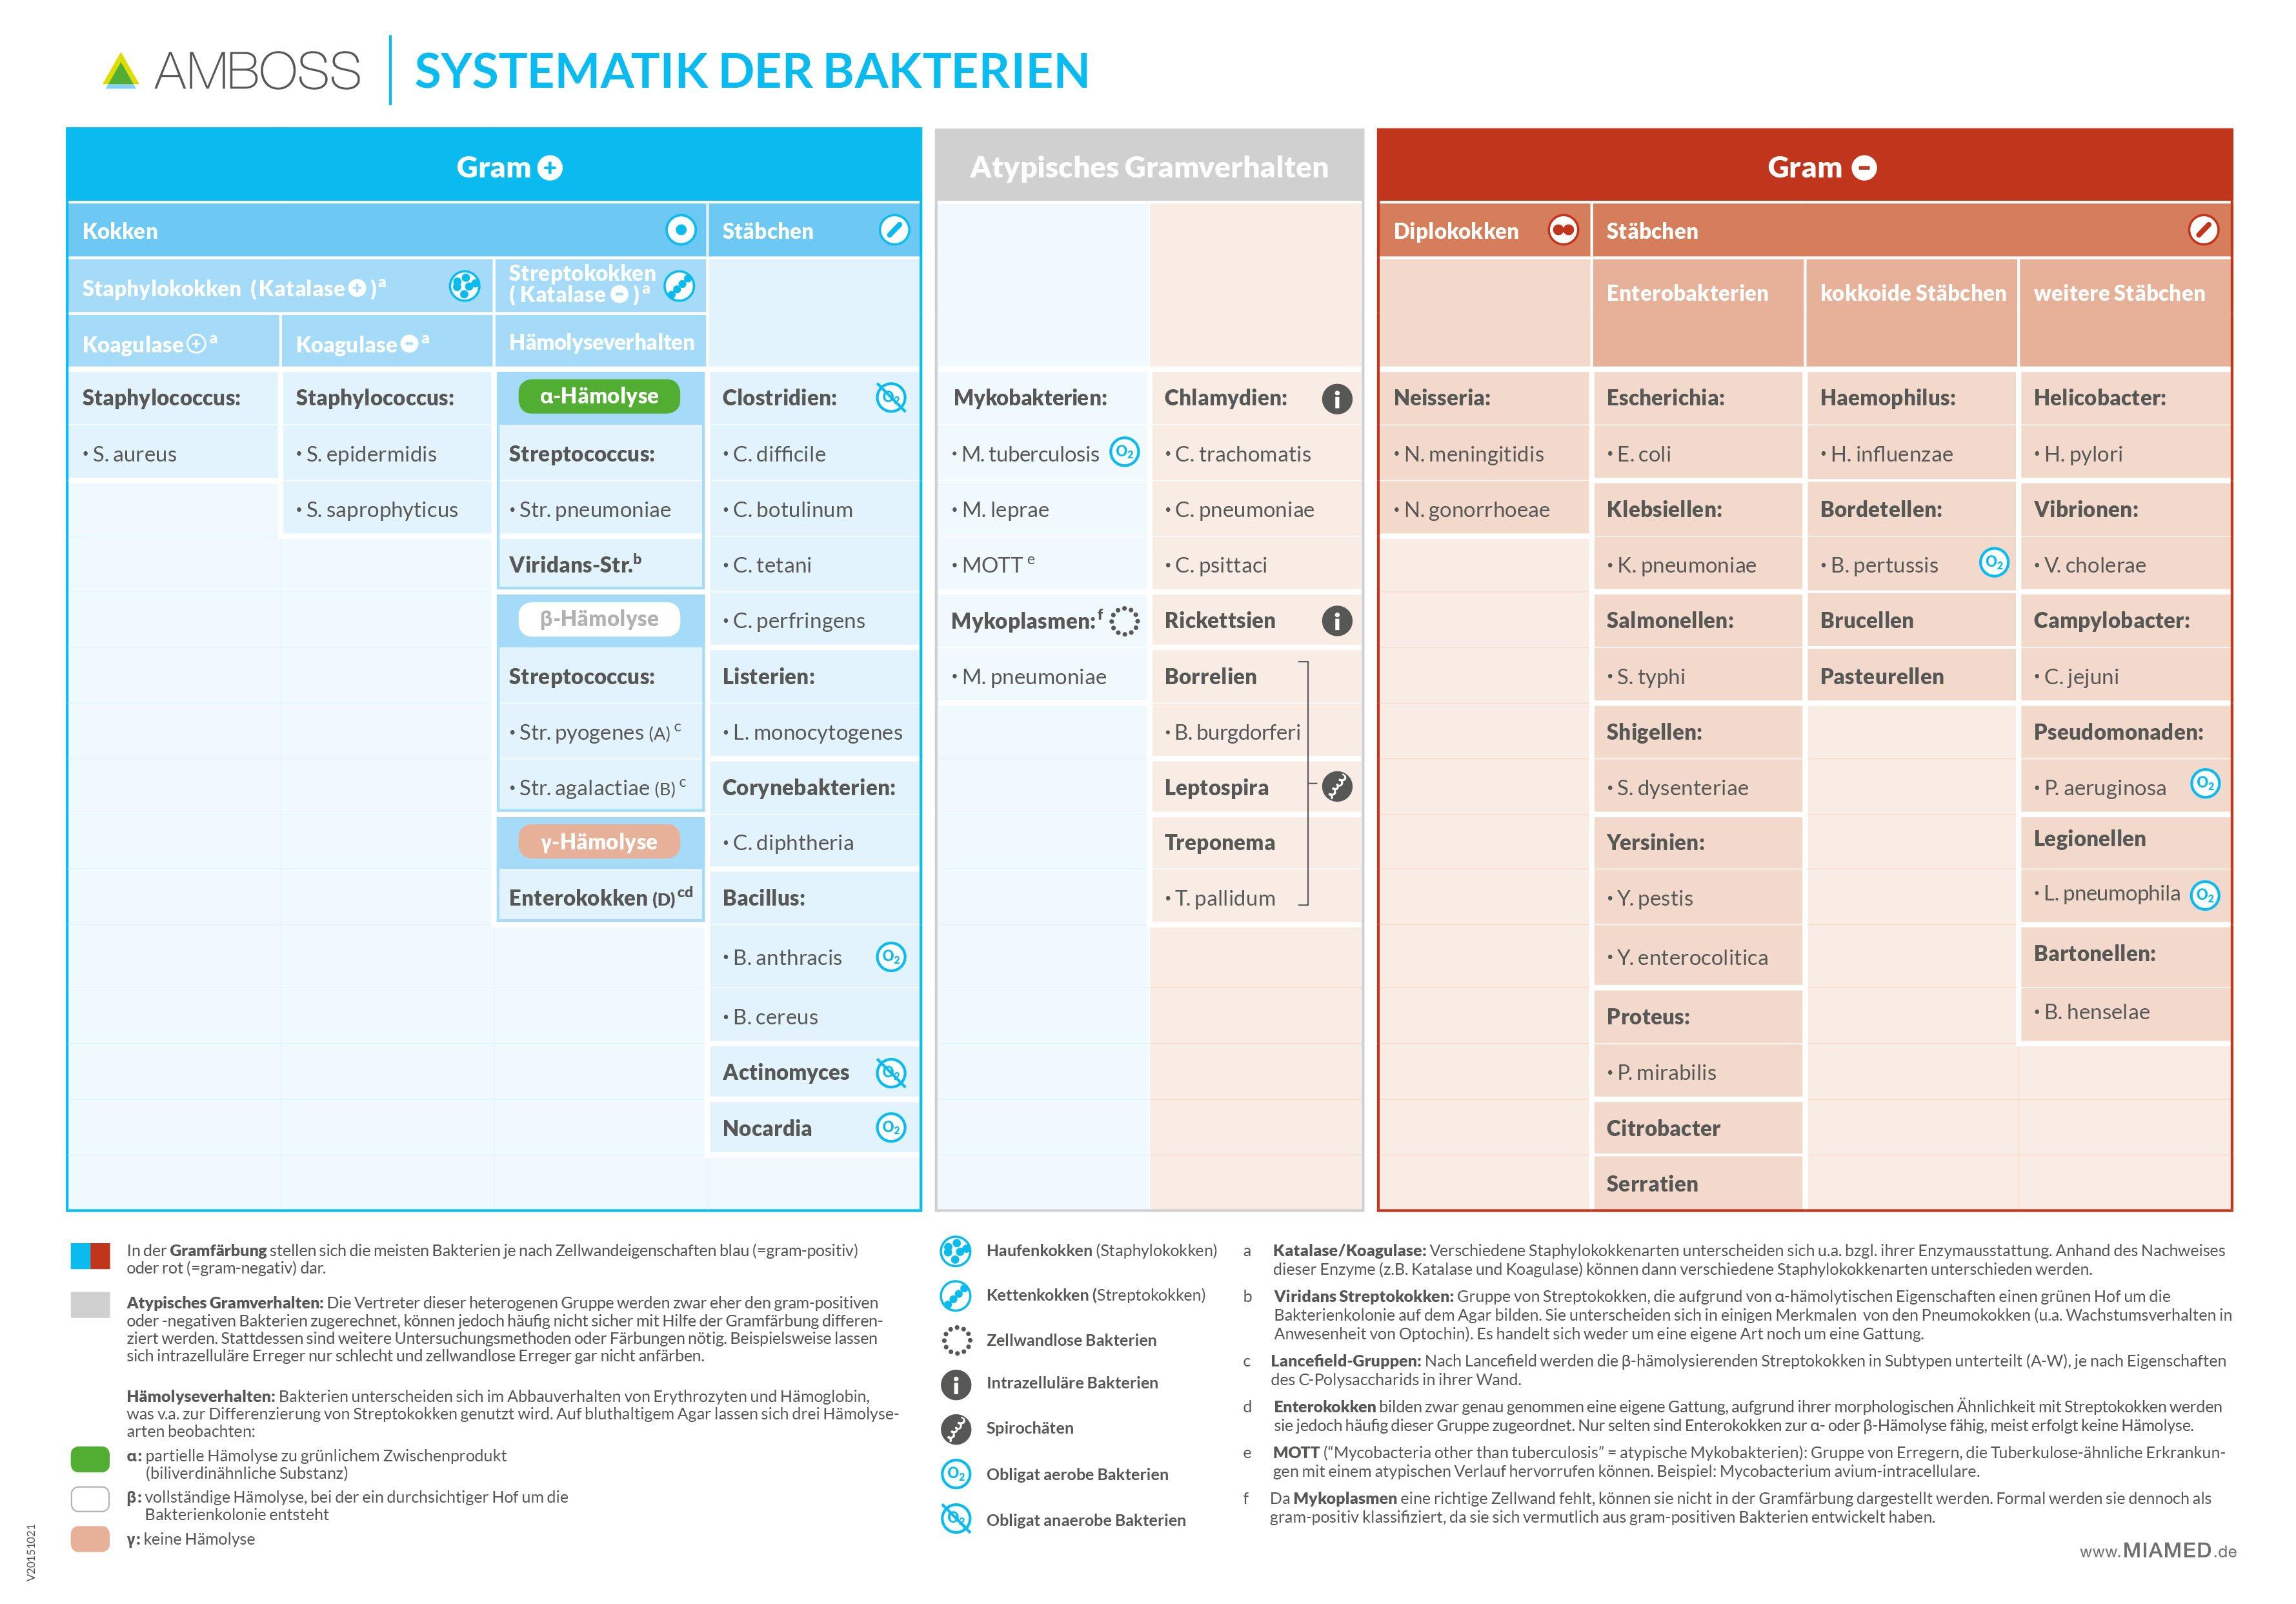 AMBOSS-Systematik-der-Bakterien